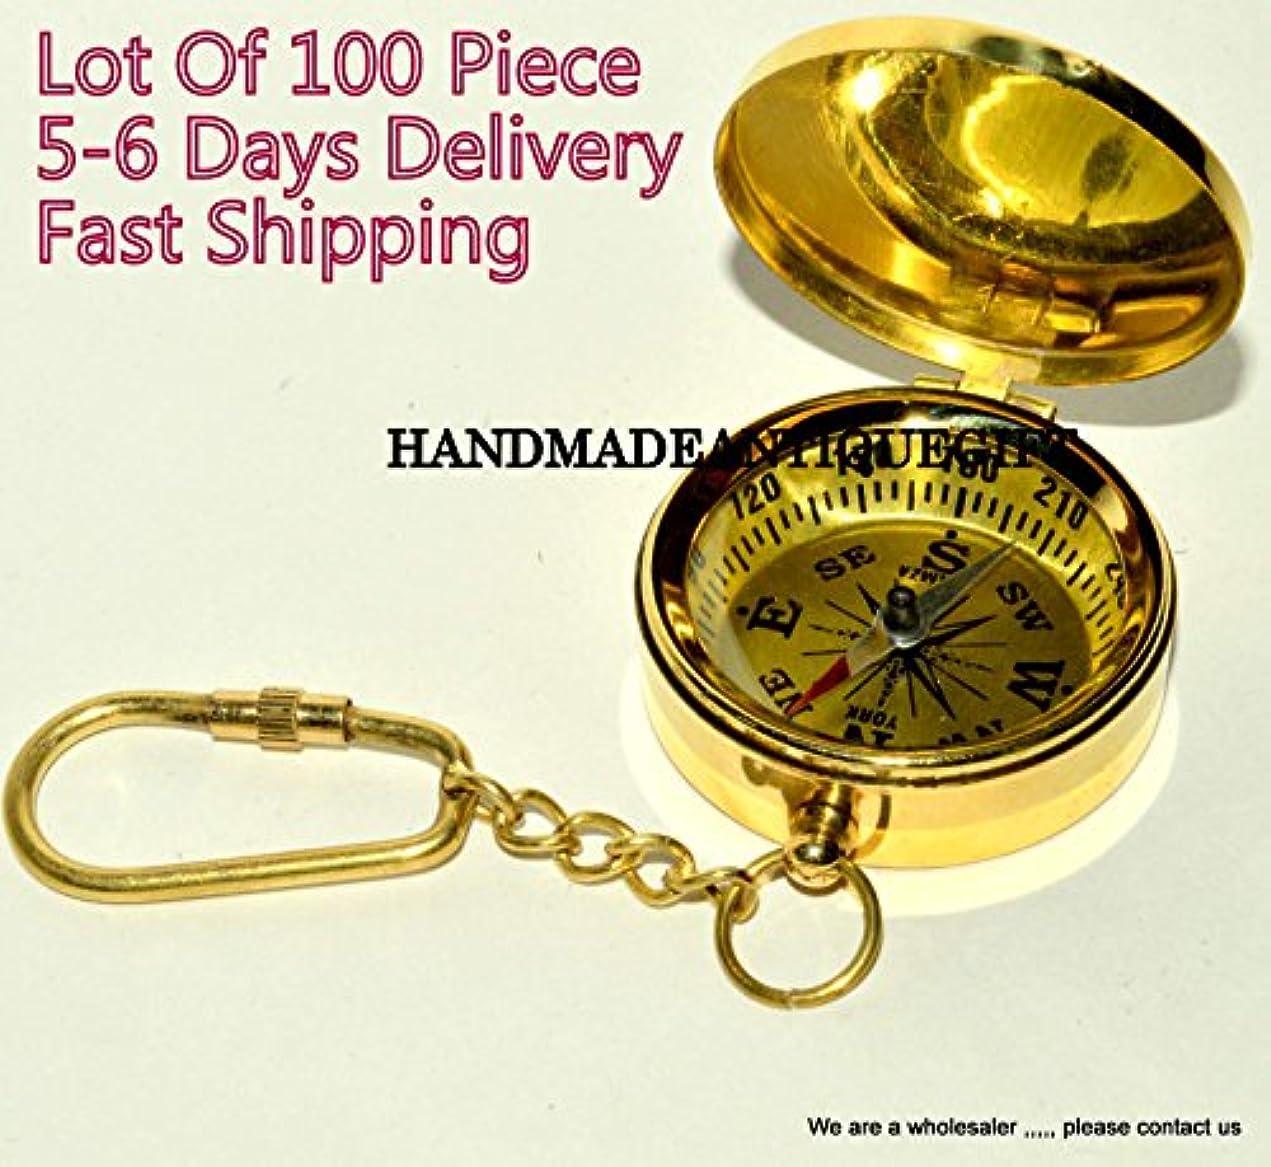 蒸し器ドライバ魂Lot of 100 Nautical Maritimeヴィンテージスタイル真鍮ポケットコンパスキーチェーン2